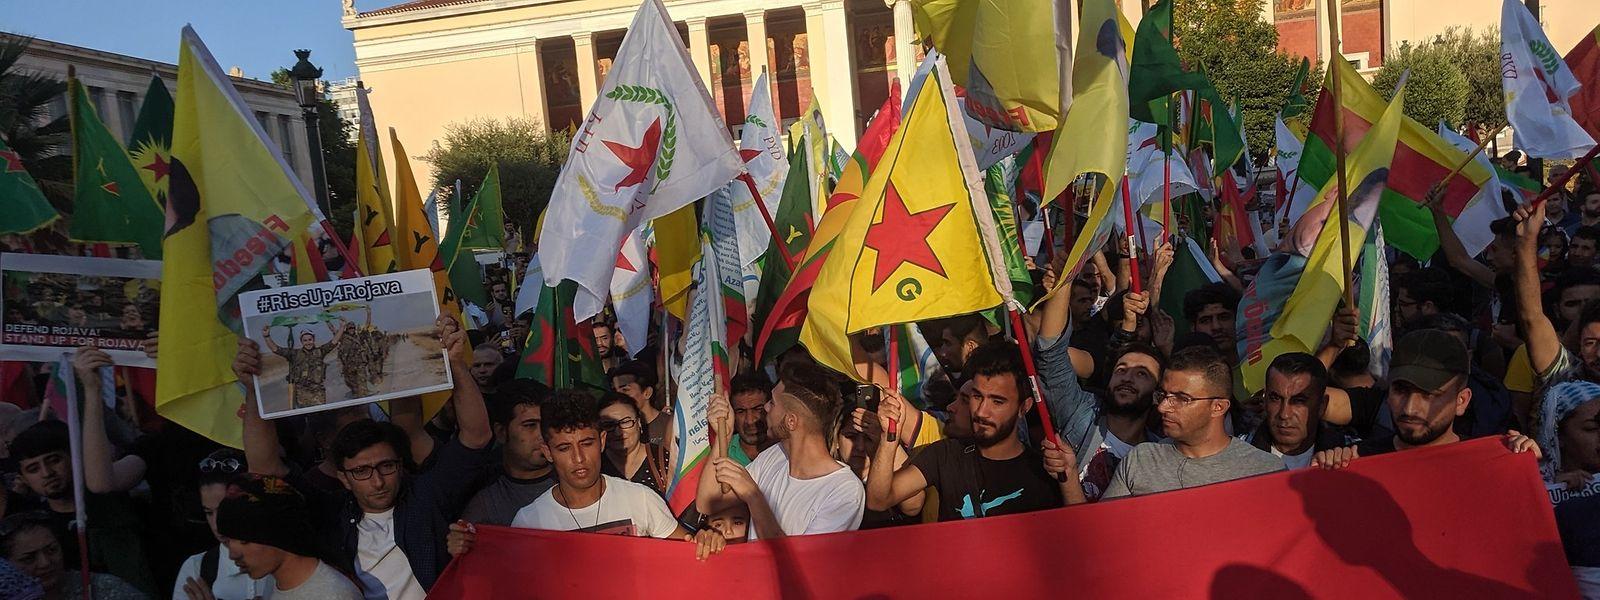 Manifestação contra ofensiva da Turquia ao povo curdo da Síria em Atenas, Grécia